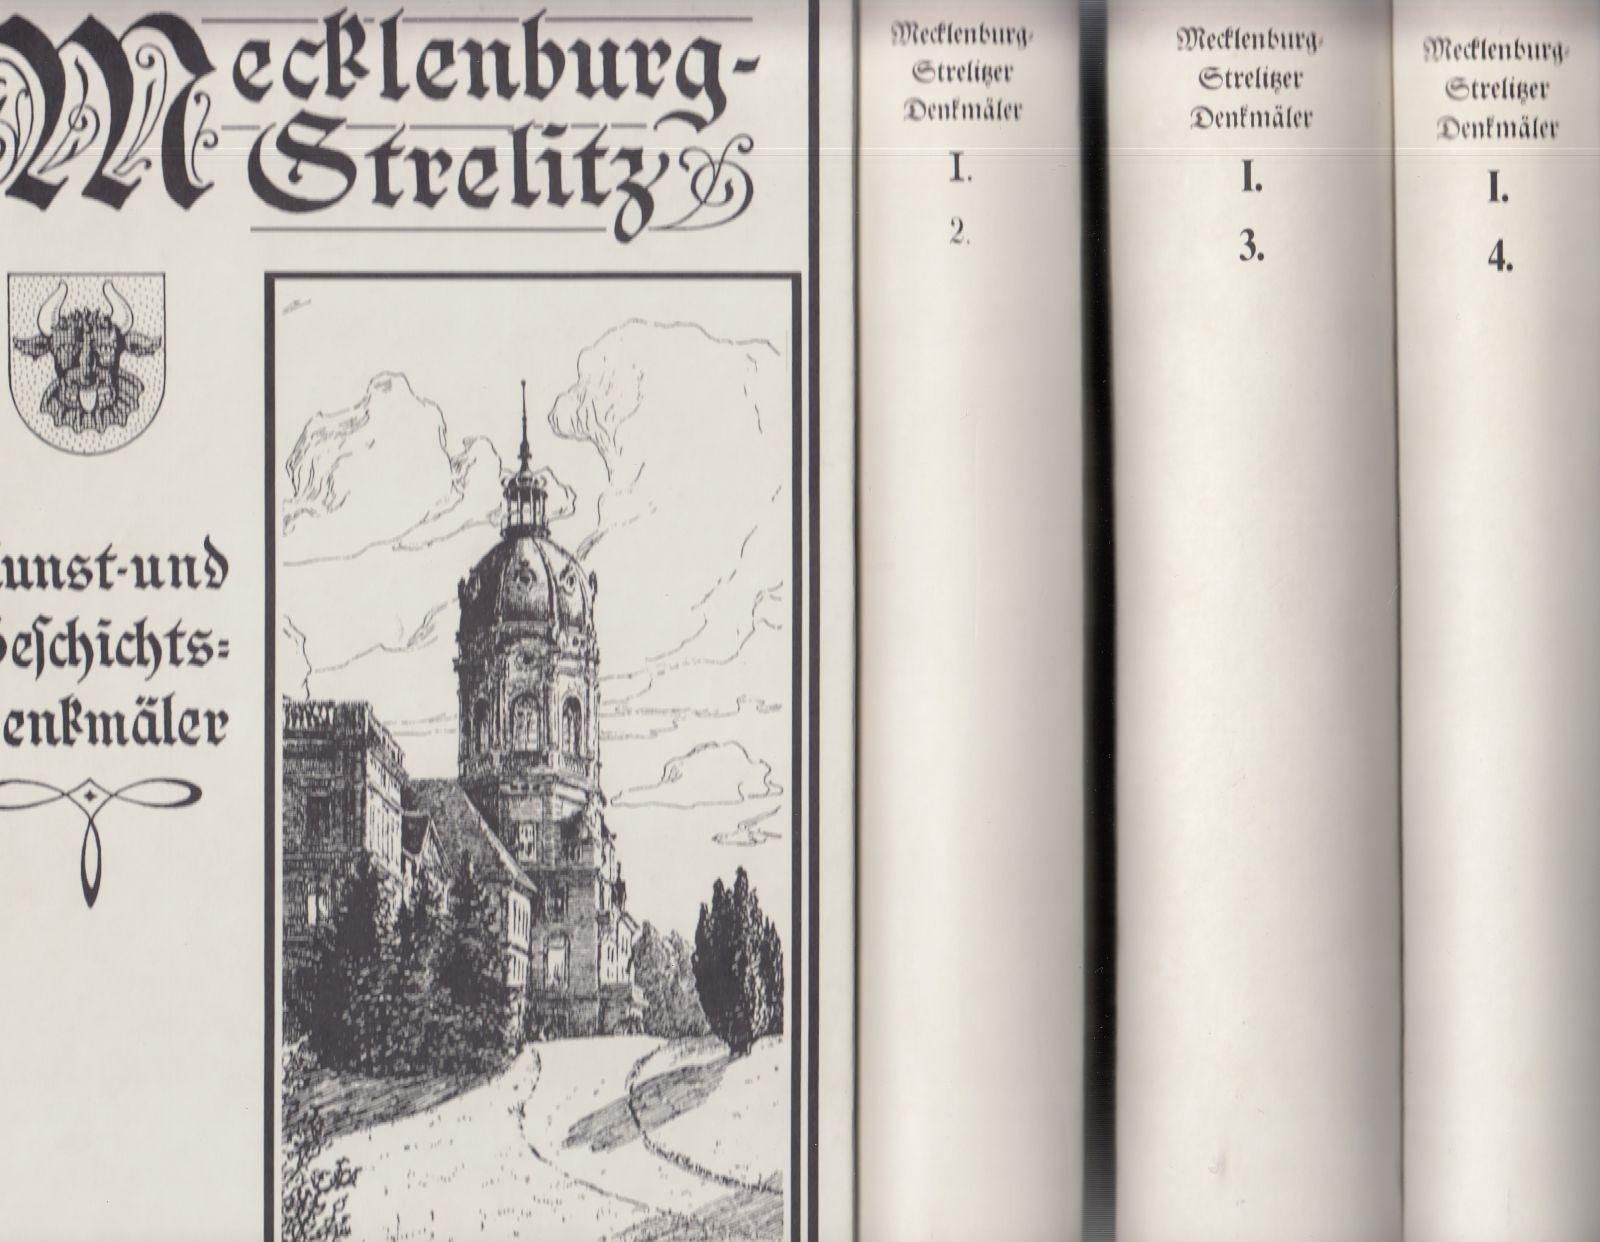 Das Land Stargard. - [4 Bände]. -: Krüger, Georg: